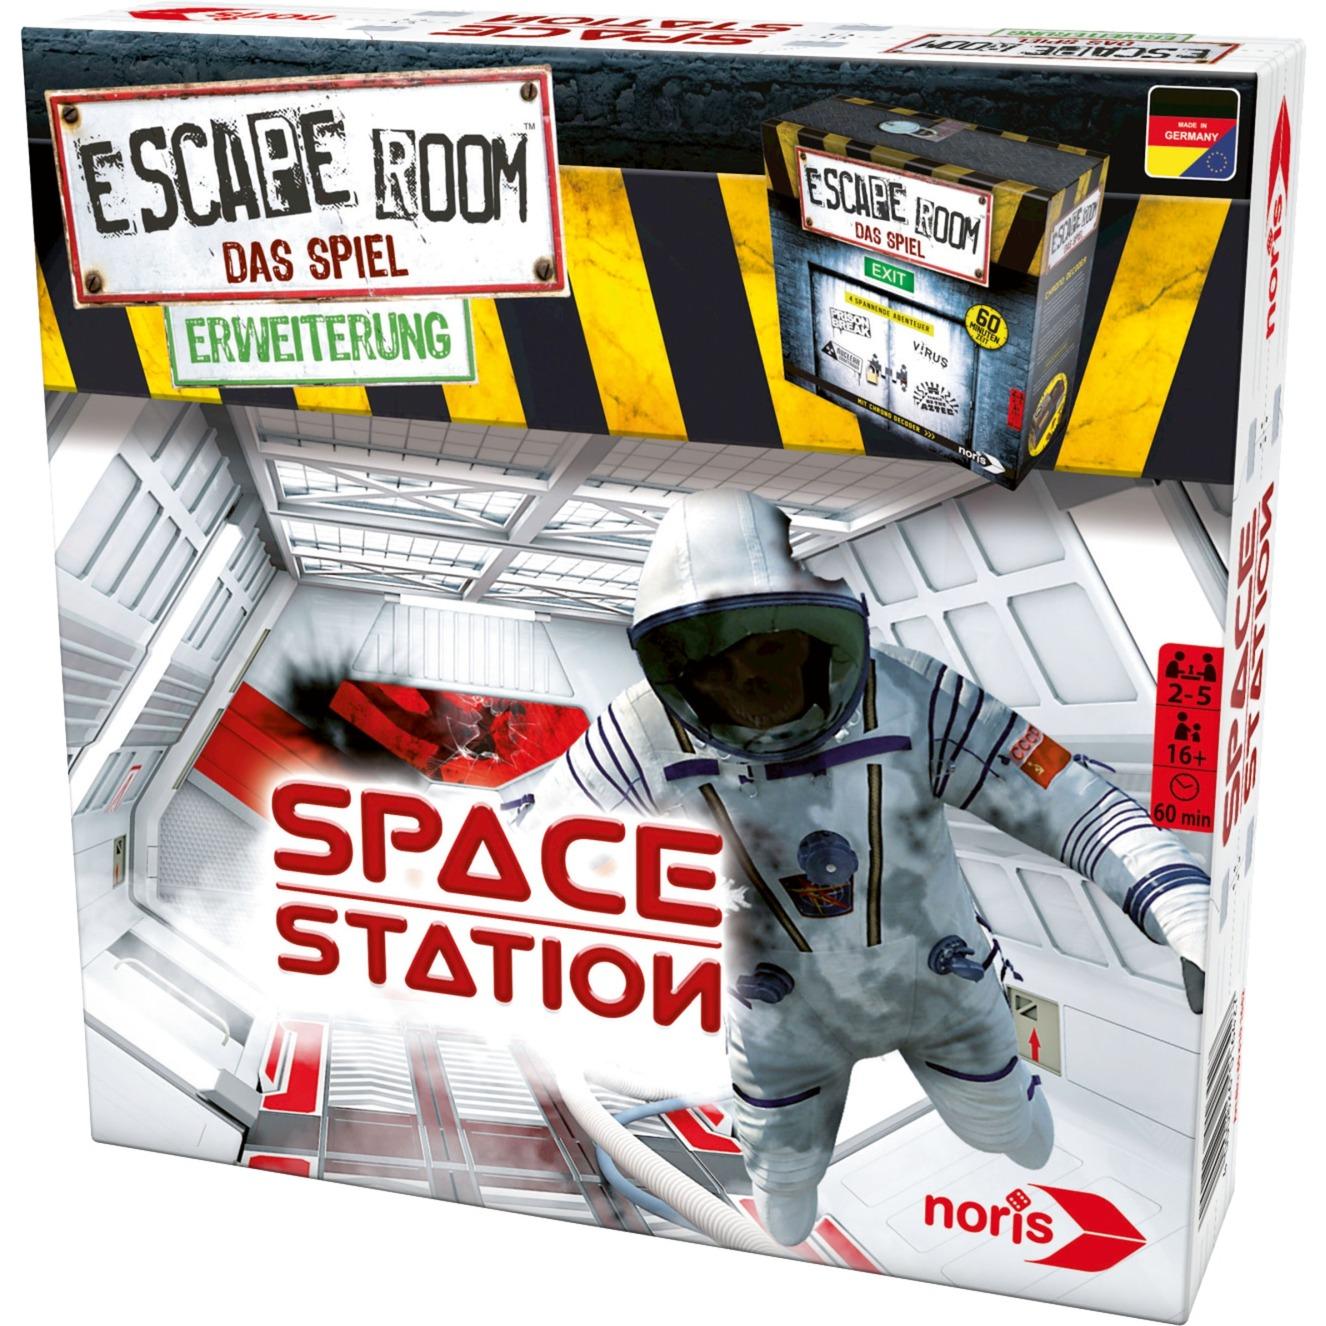 Escape Room Space Station Niños y adultos Viajes/aventuras, Juegos de fiestas